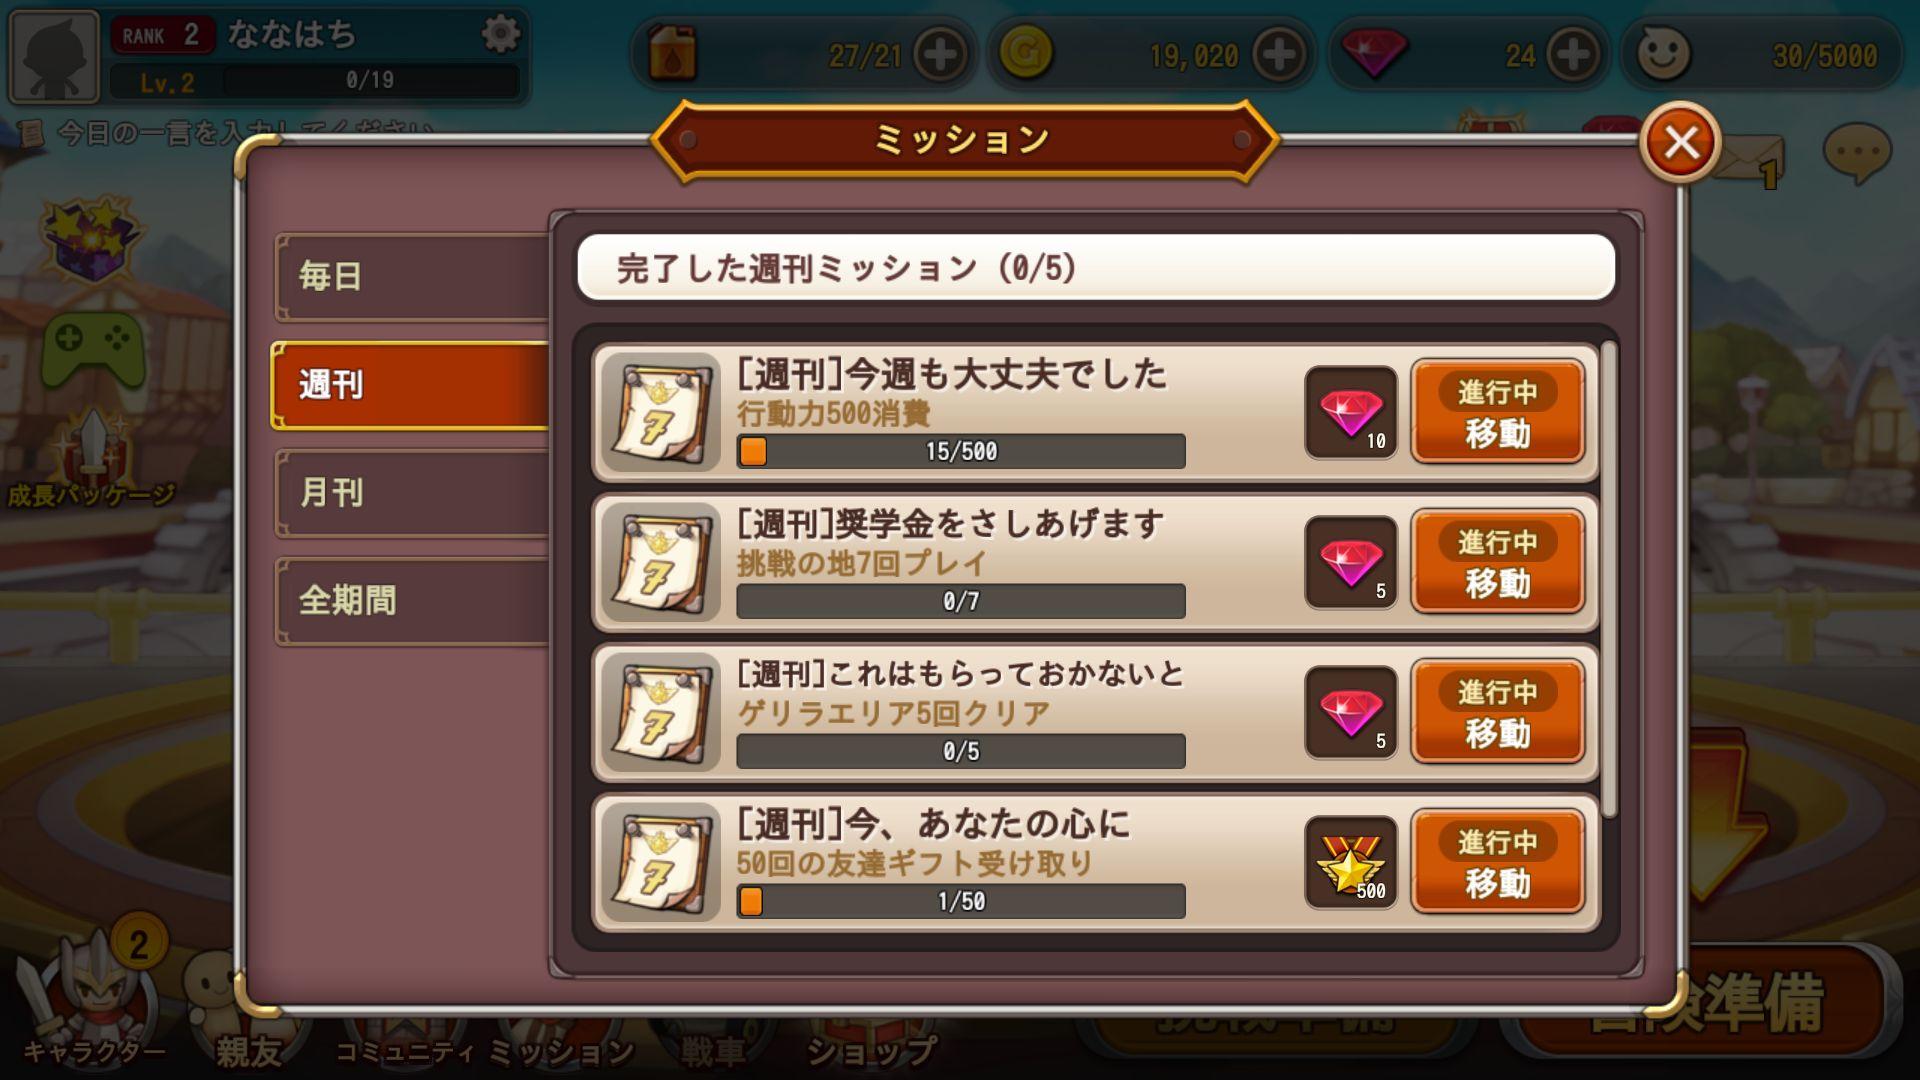 モンスタースイーパーズ androidアプリスクリーンショット3